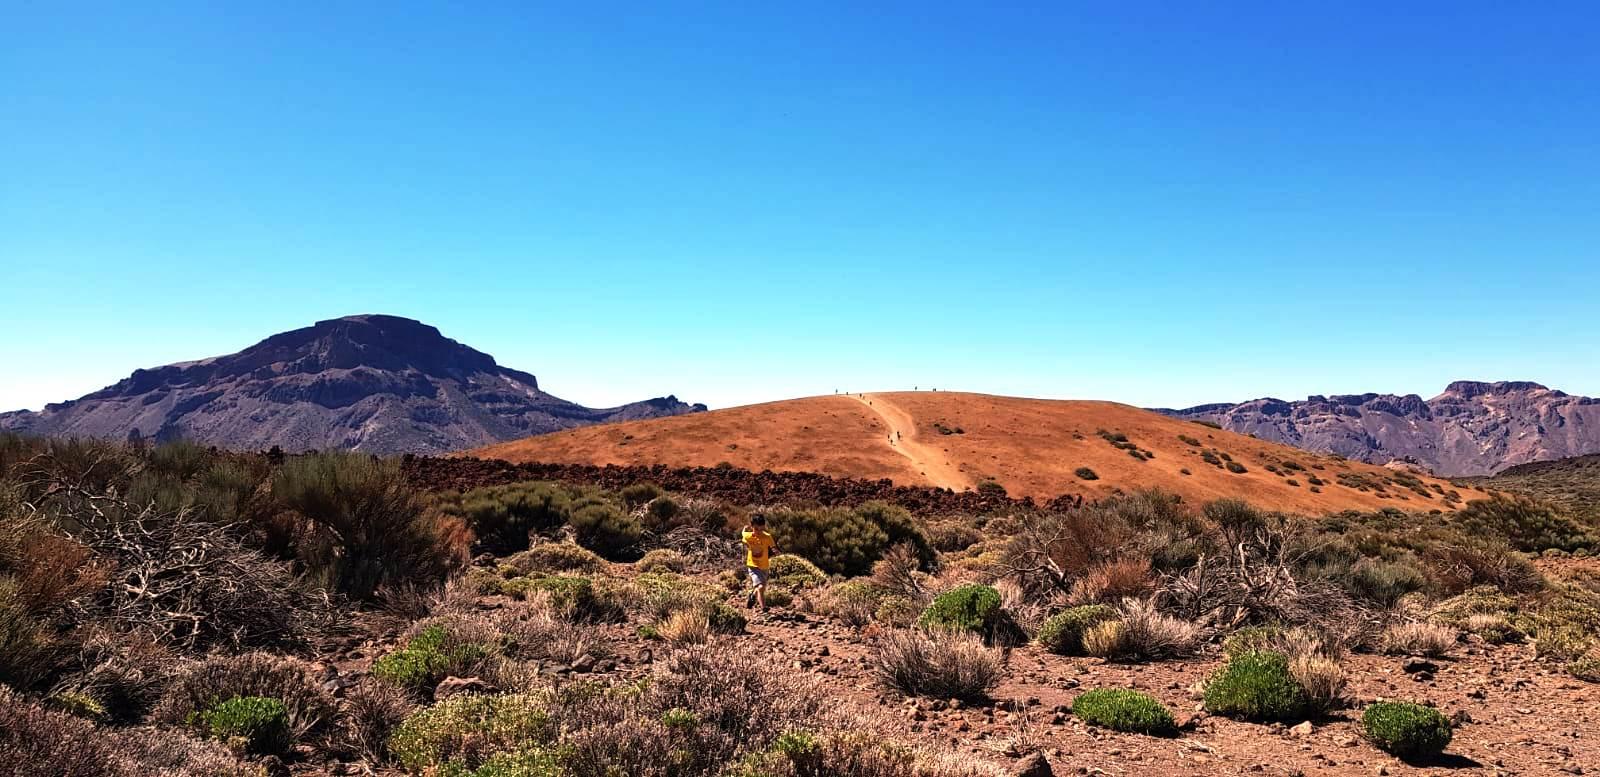 Imagini de la turişti: Vulcanul Teide, Tenerife, foto @ANCAPAVEL.RO